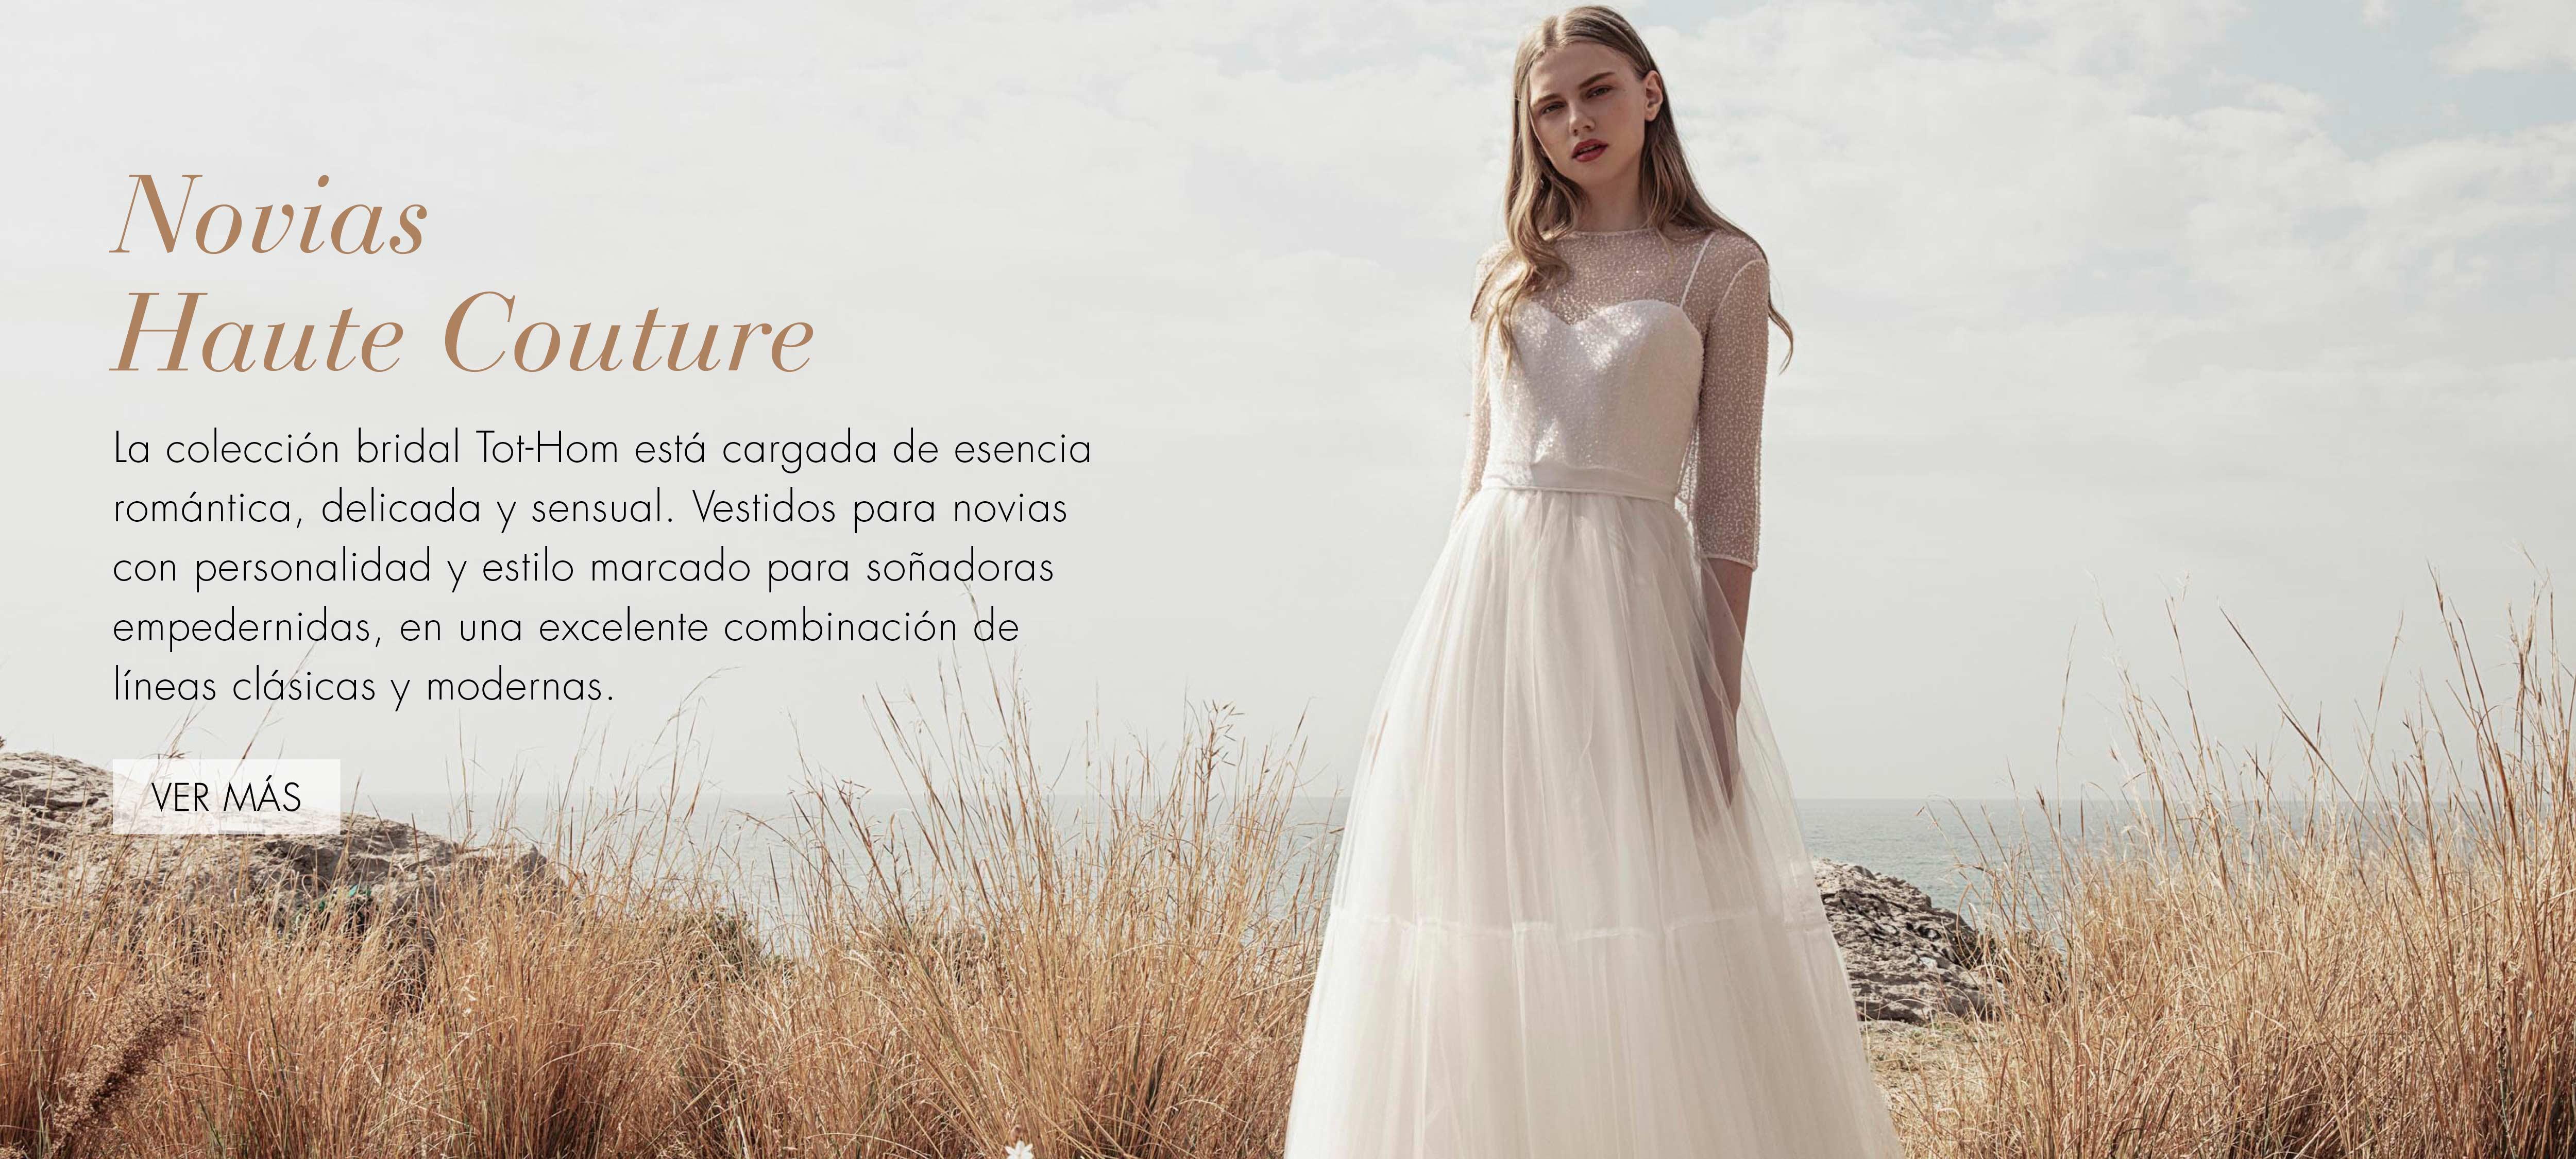 2b0bc8ab91 Vestidos para novias con personalidad y estilo marcado pero soñadoras  empedernidas